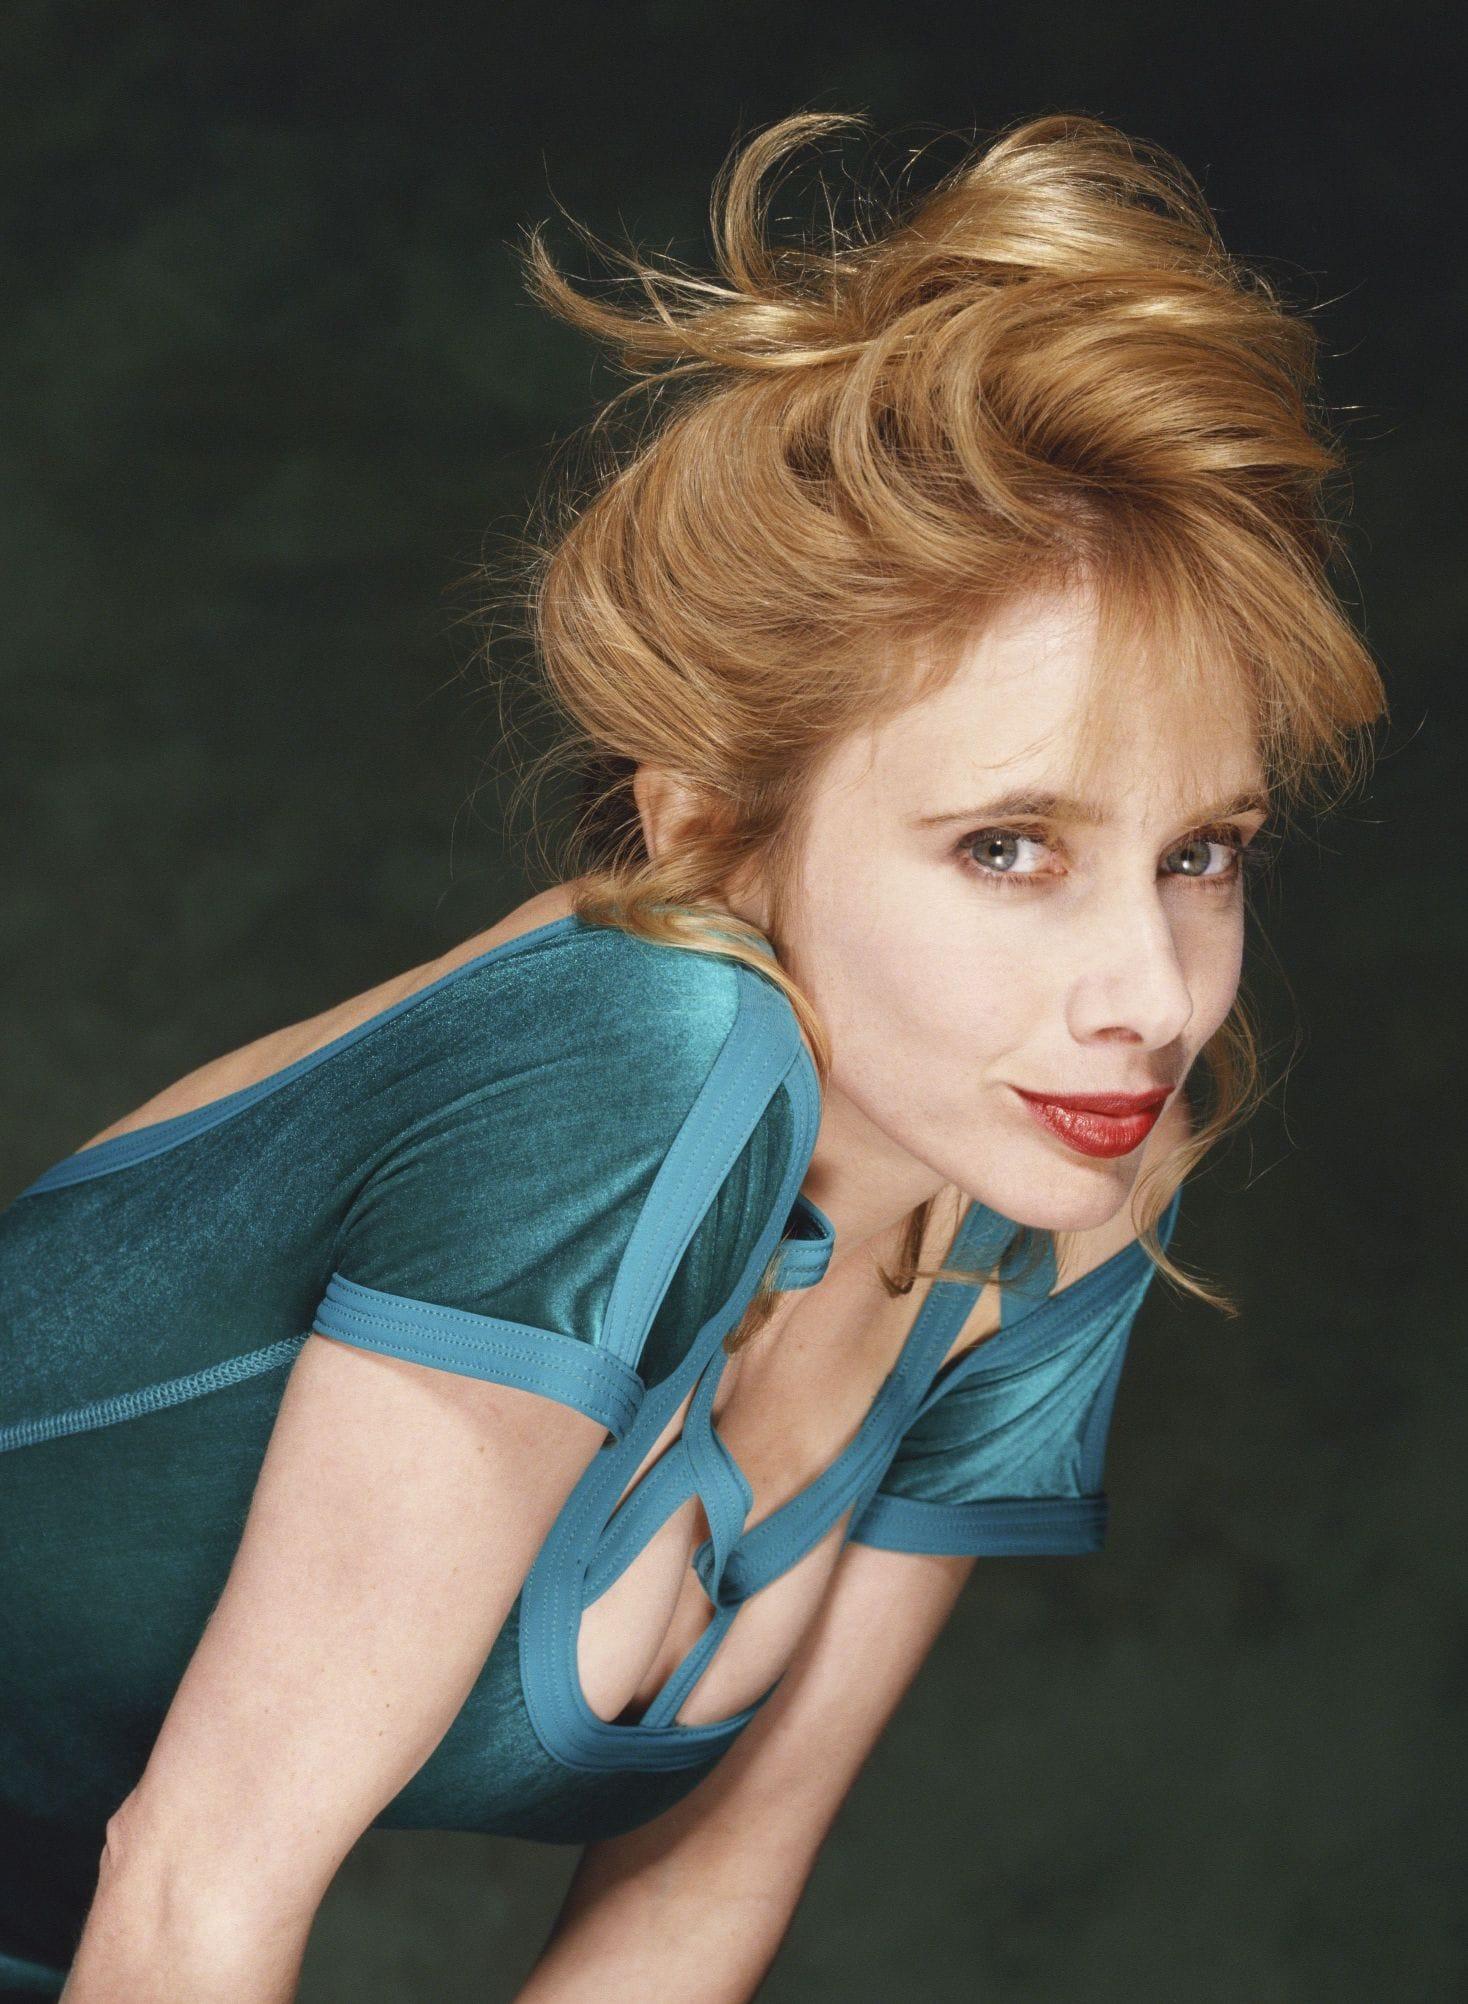 Rosanna Arquette Pictures